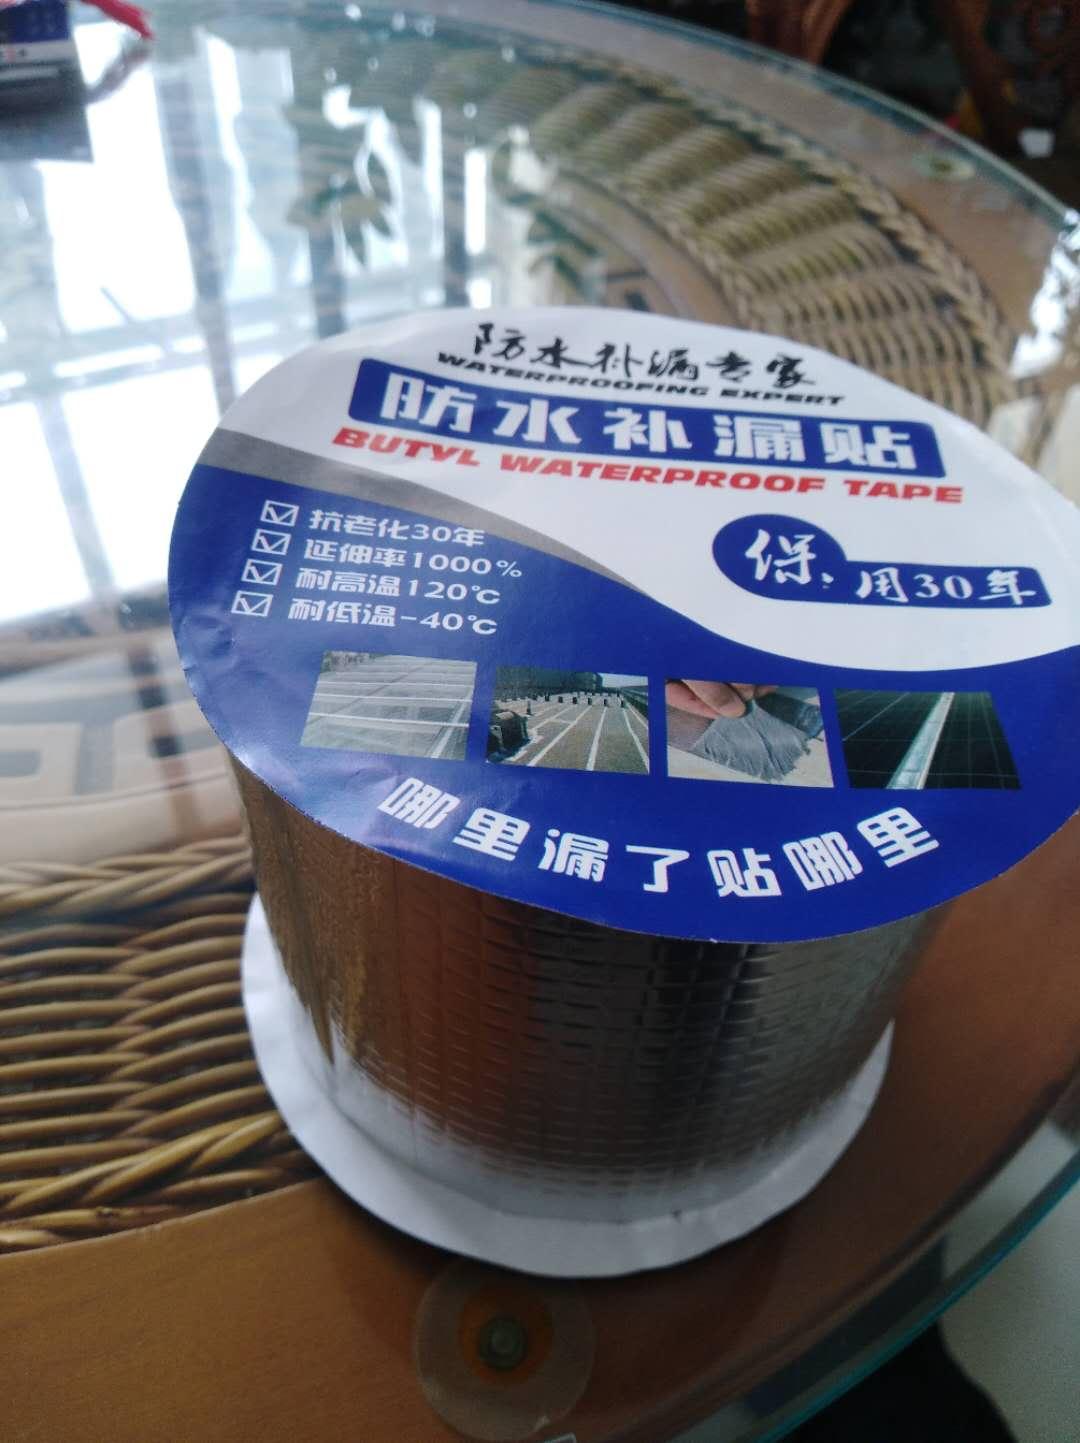 河南丁基橡胶自粘胶带生产厂家-买质量好的丁基橡胶自粘胶带优选骏兴防水材料